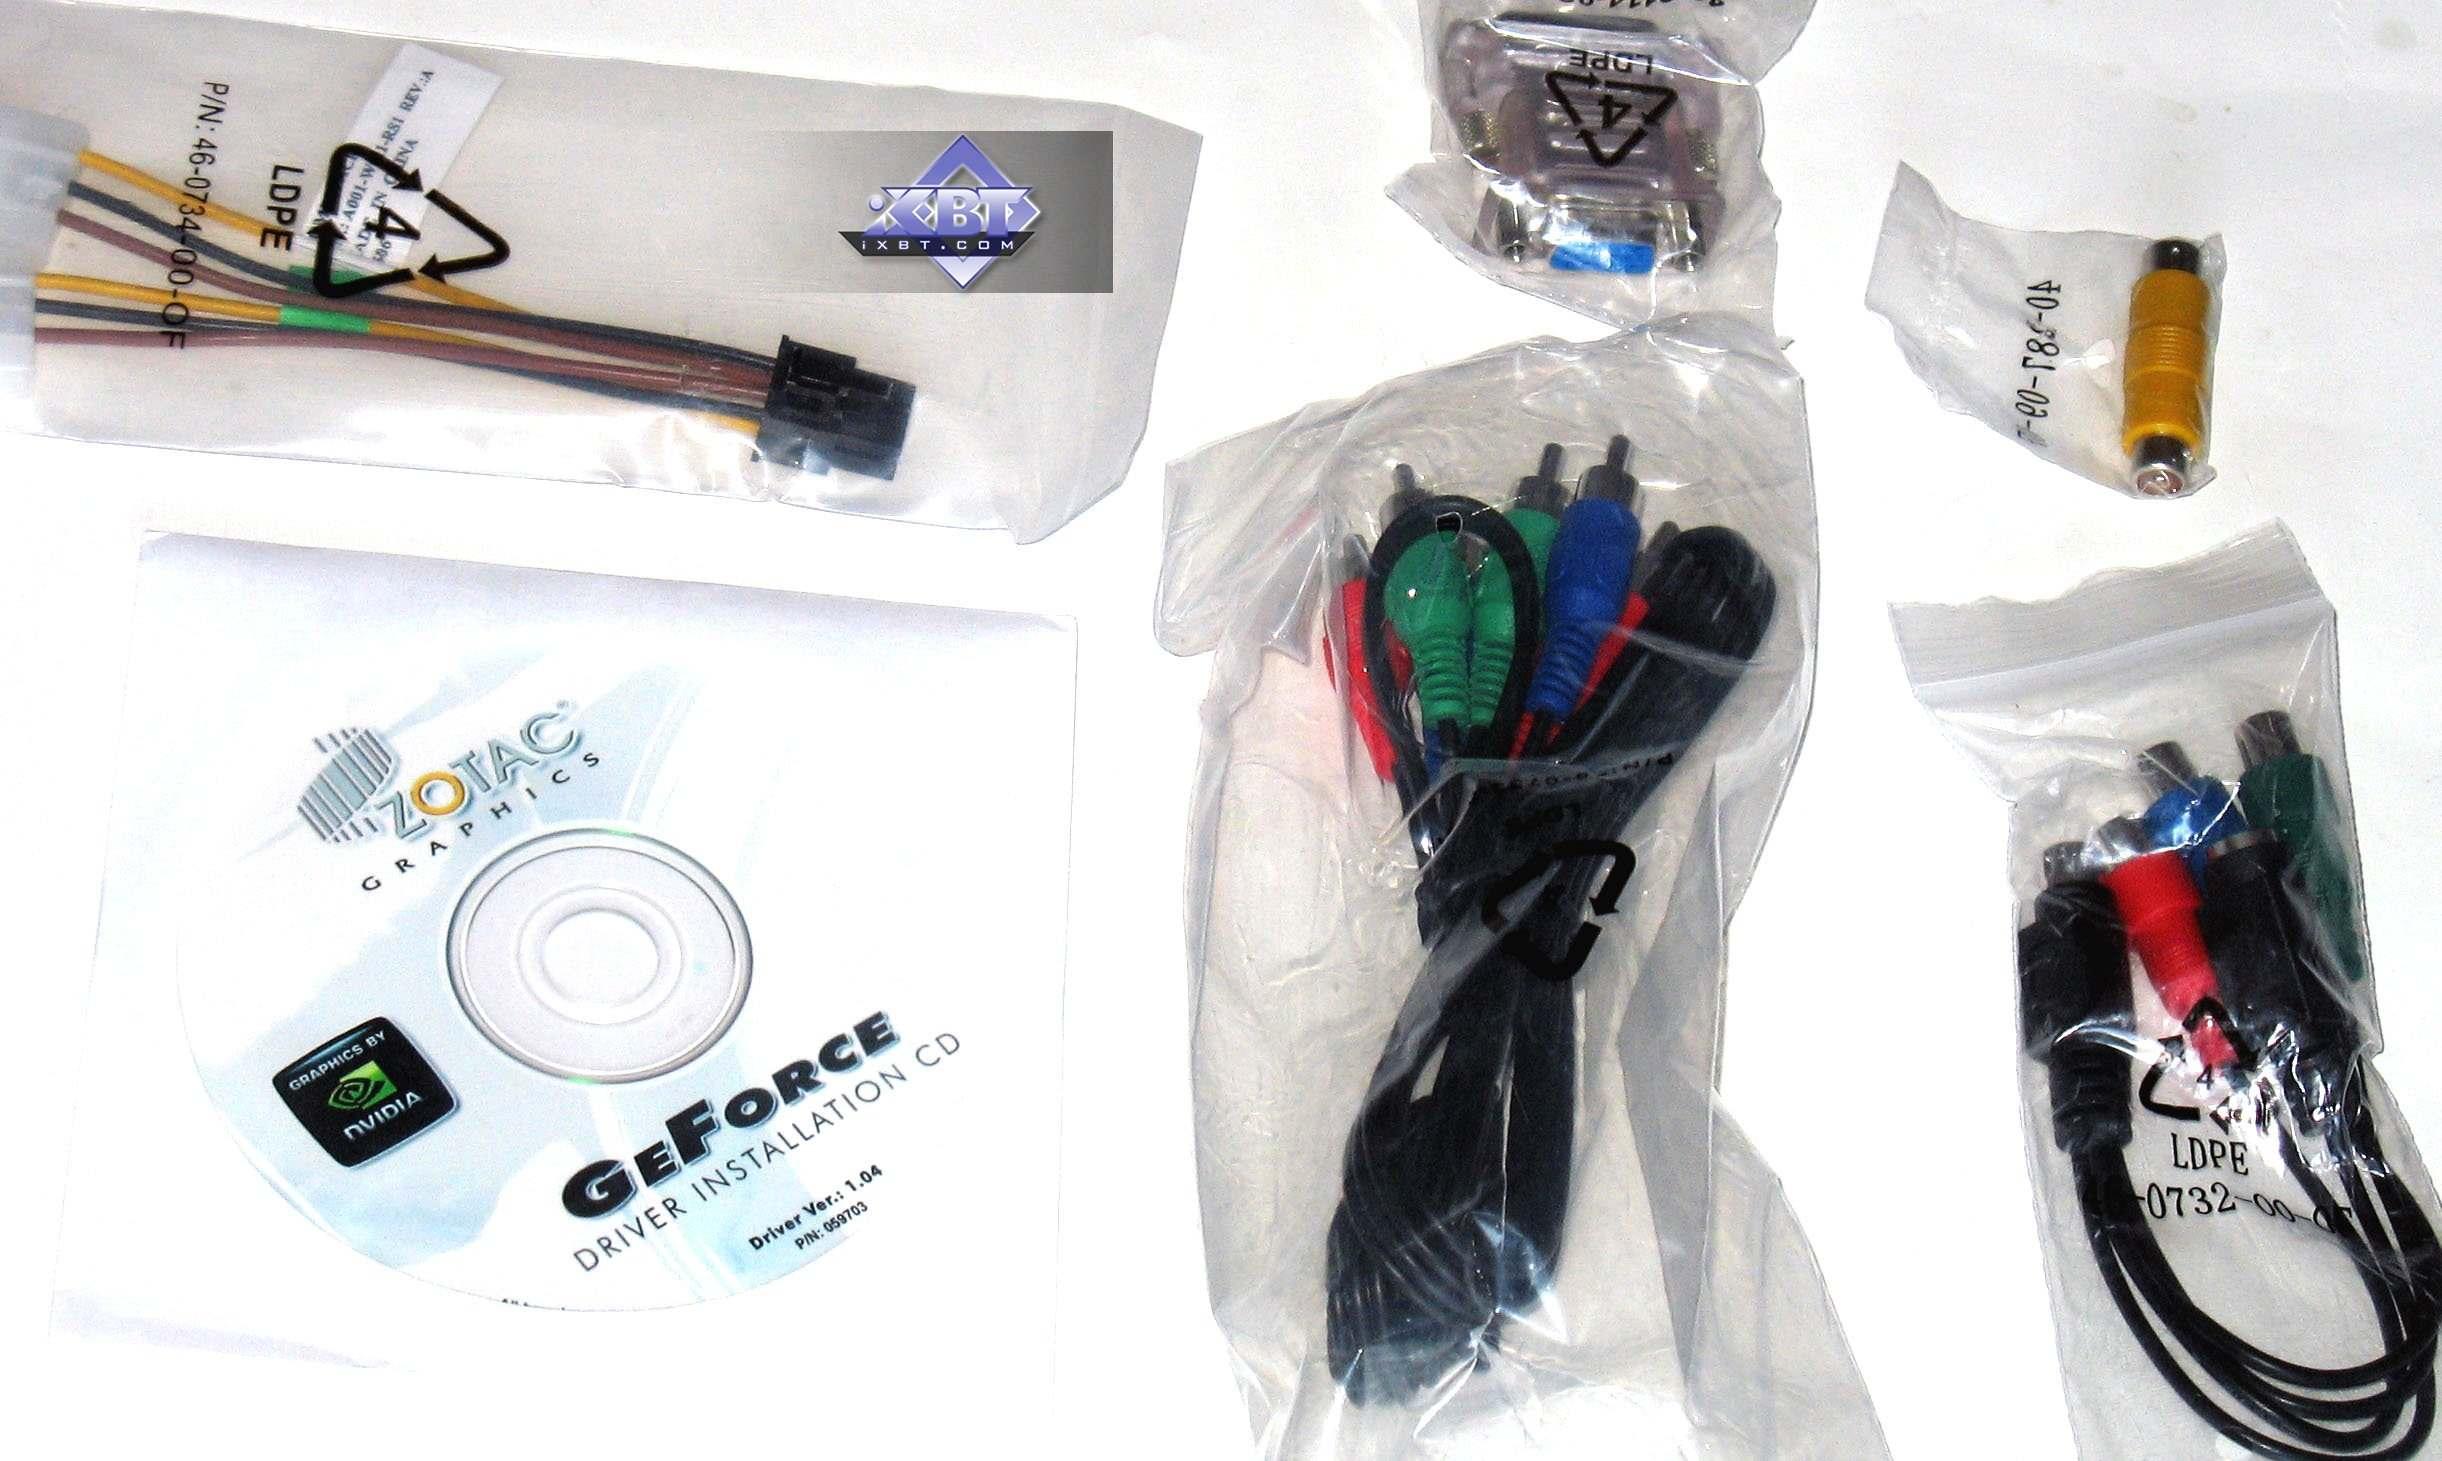 скачать драйвер для видеокарты gigabyte gf 1280-32e